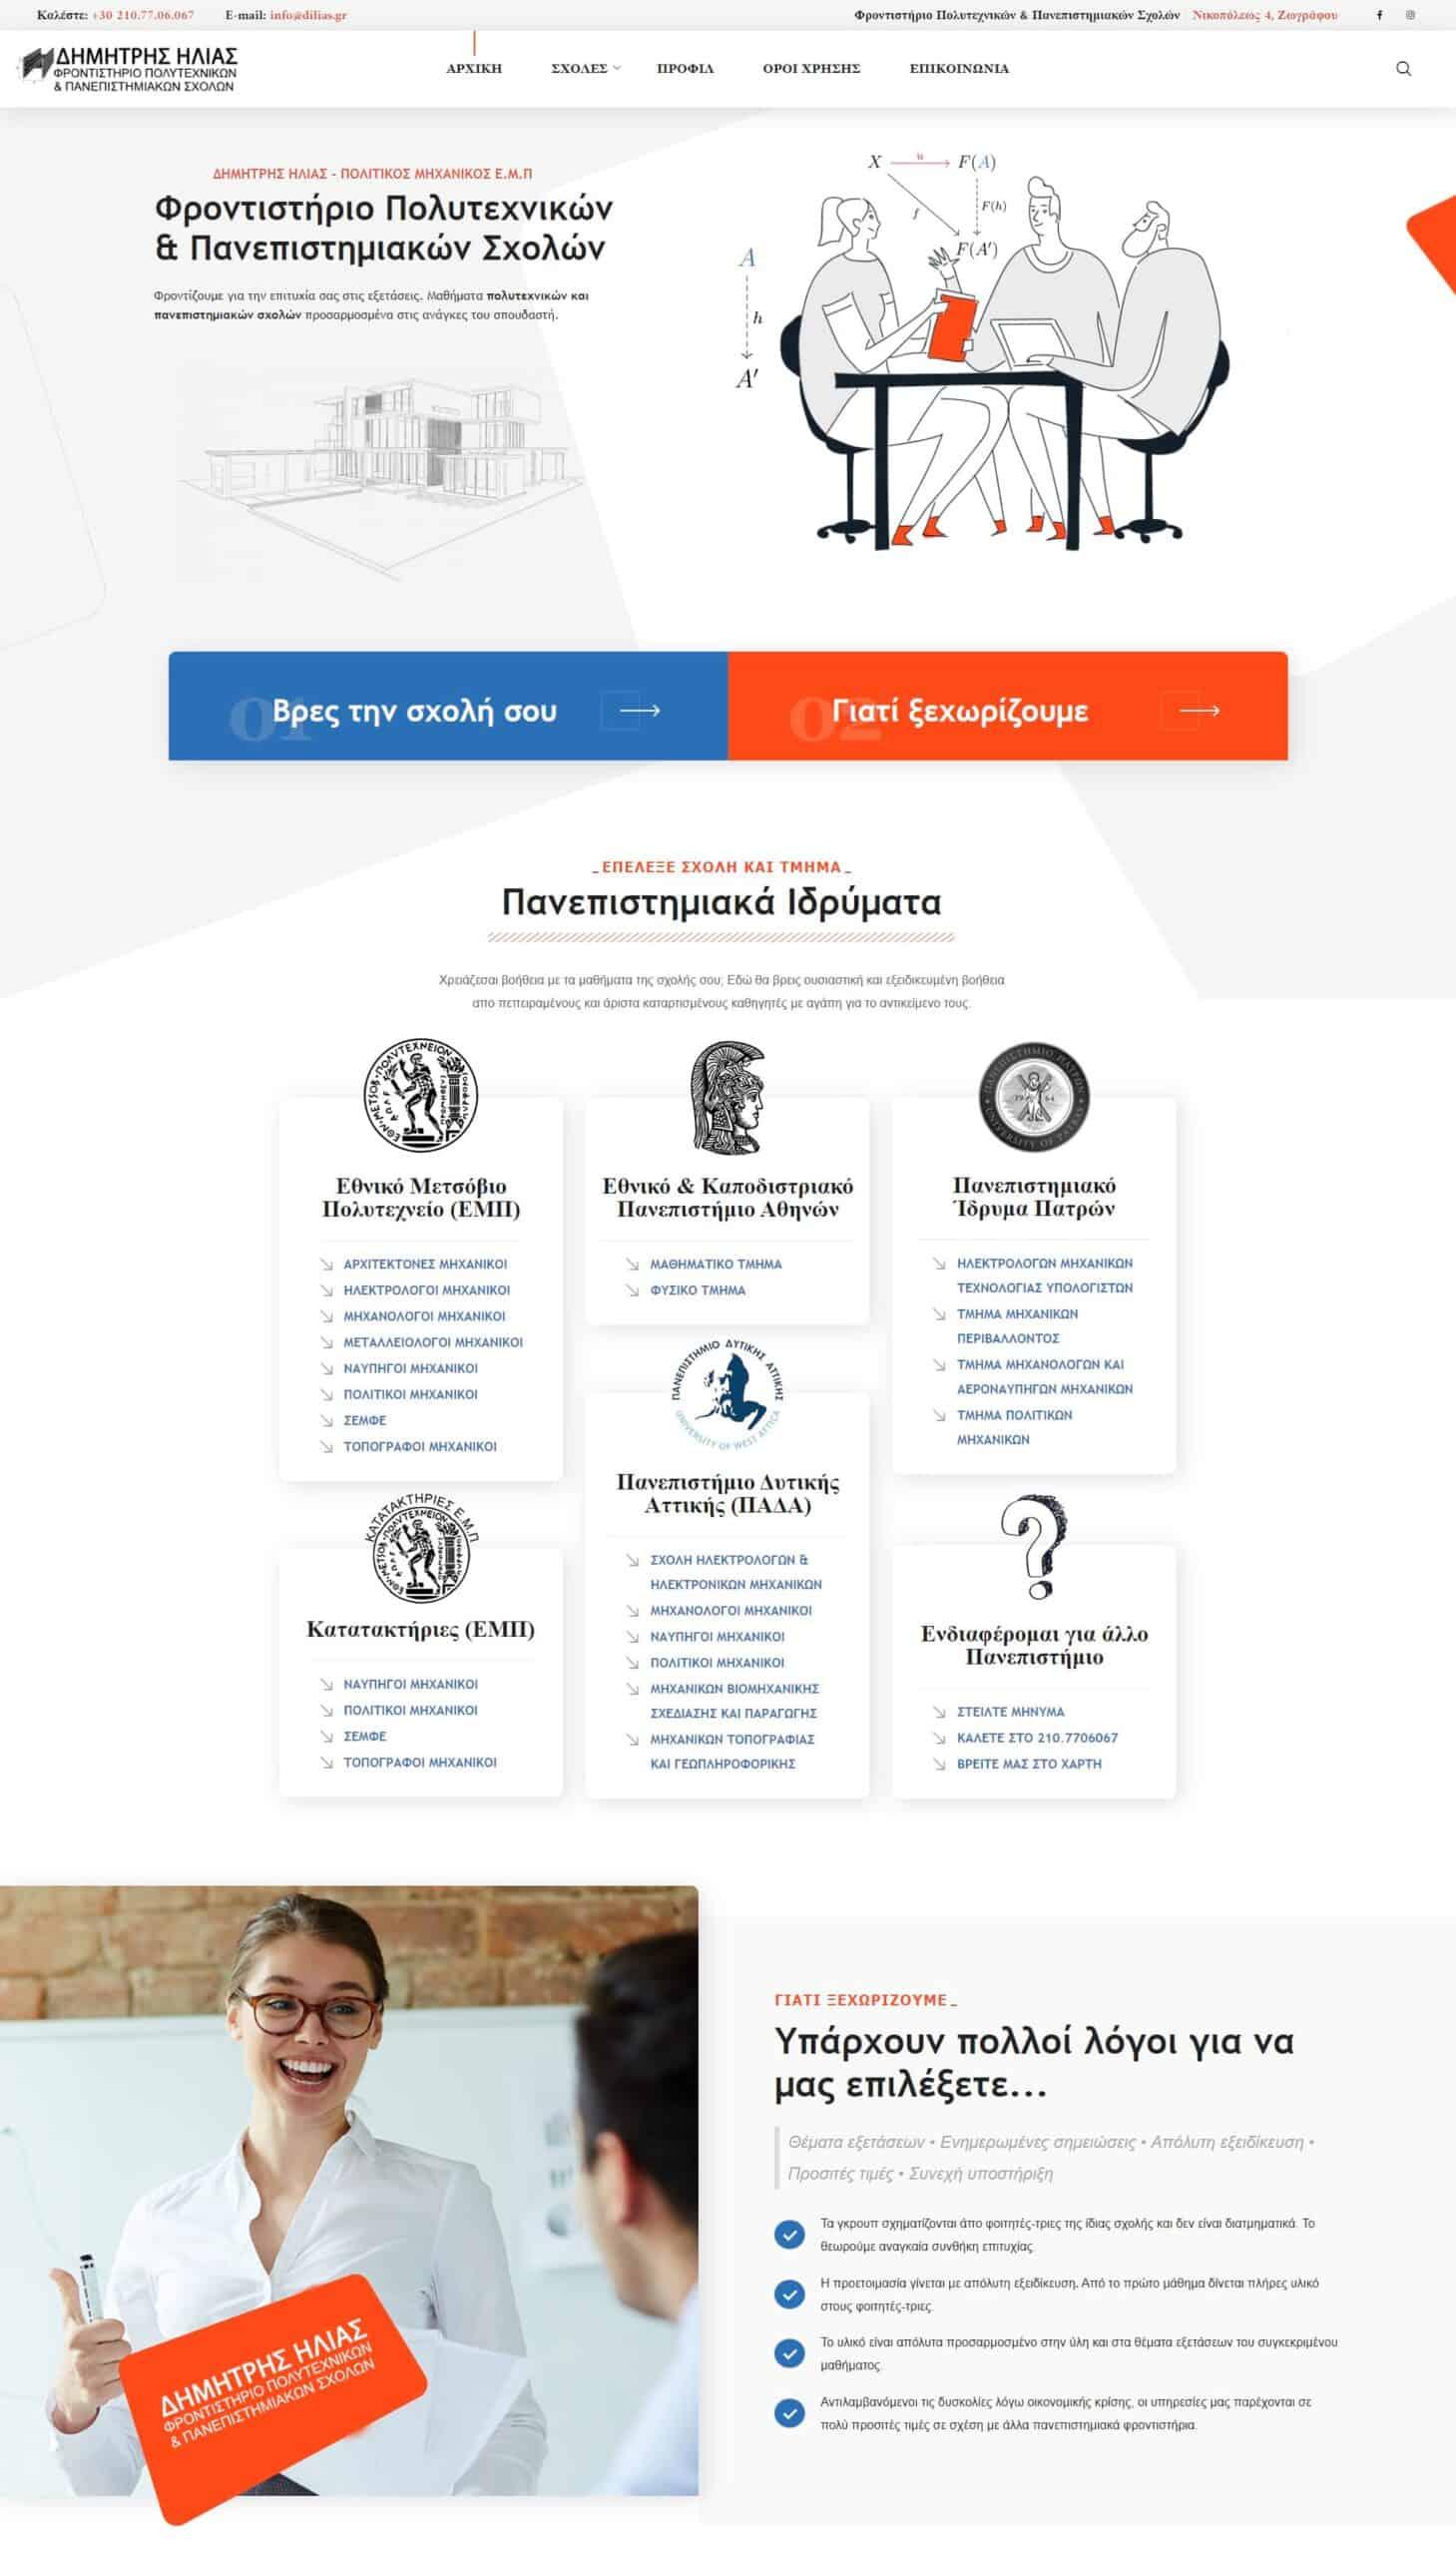 Κατασκευή ιστοσελίδας για Πολυτεχνικό και Πανεπιστημιακό φροντιστήριο στην Αθήνα